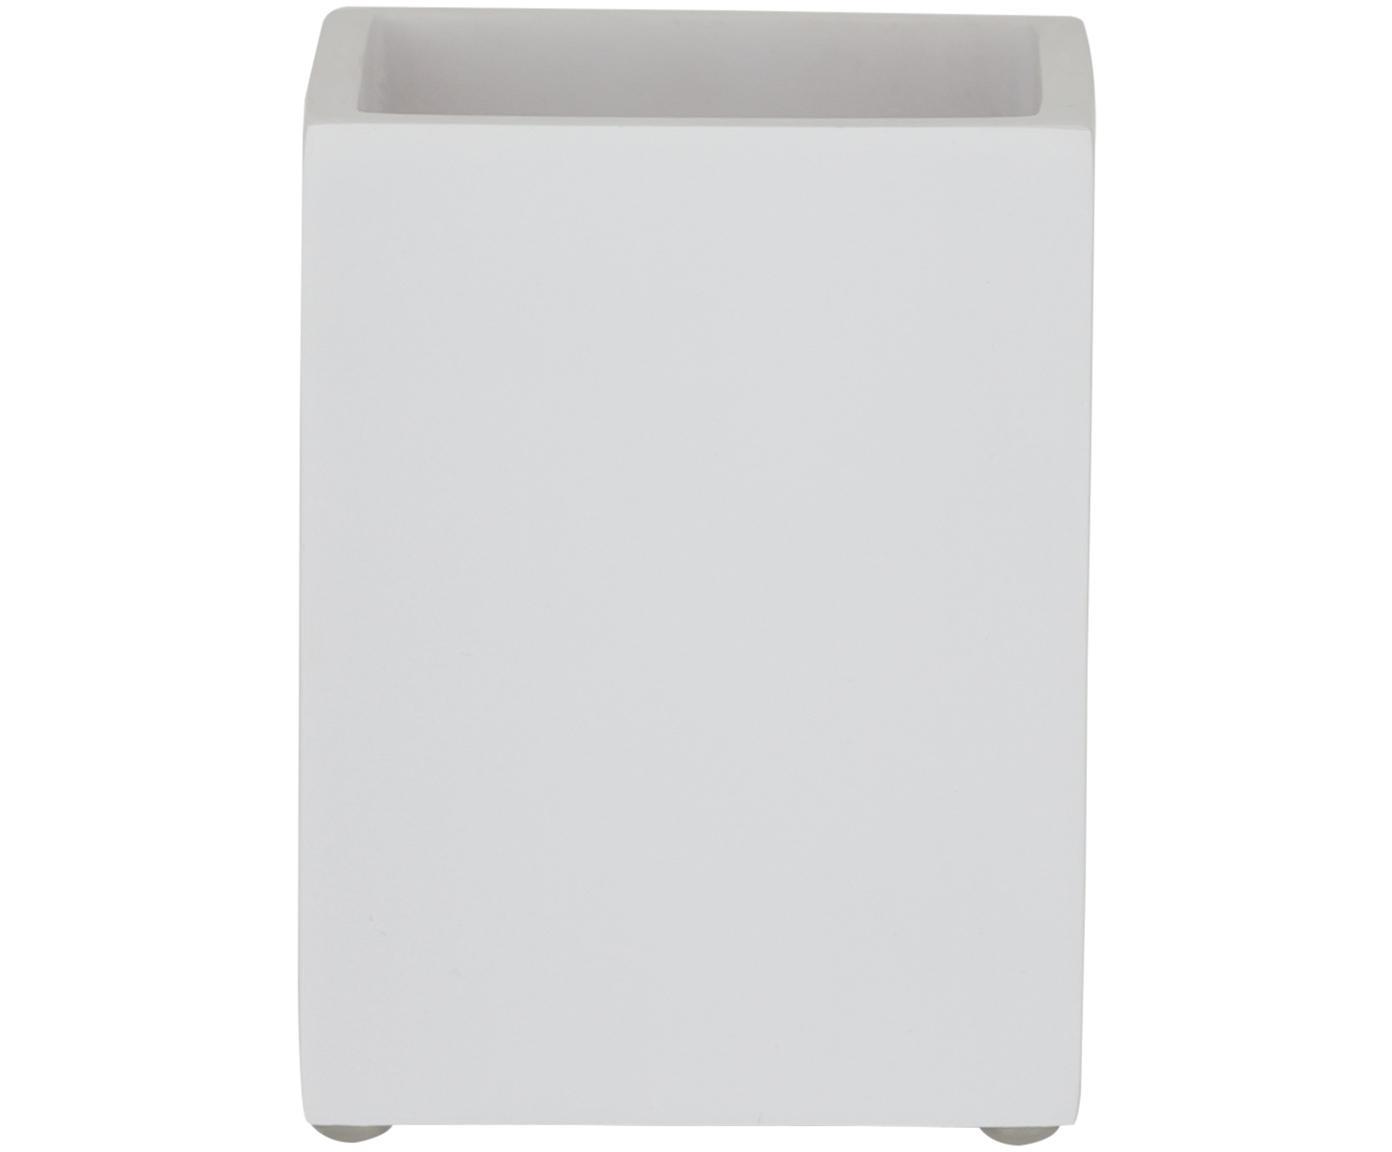 Porta spazzolini Cura, Poliresina, Bianco, Larg. 7 x Alt. 9 cm